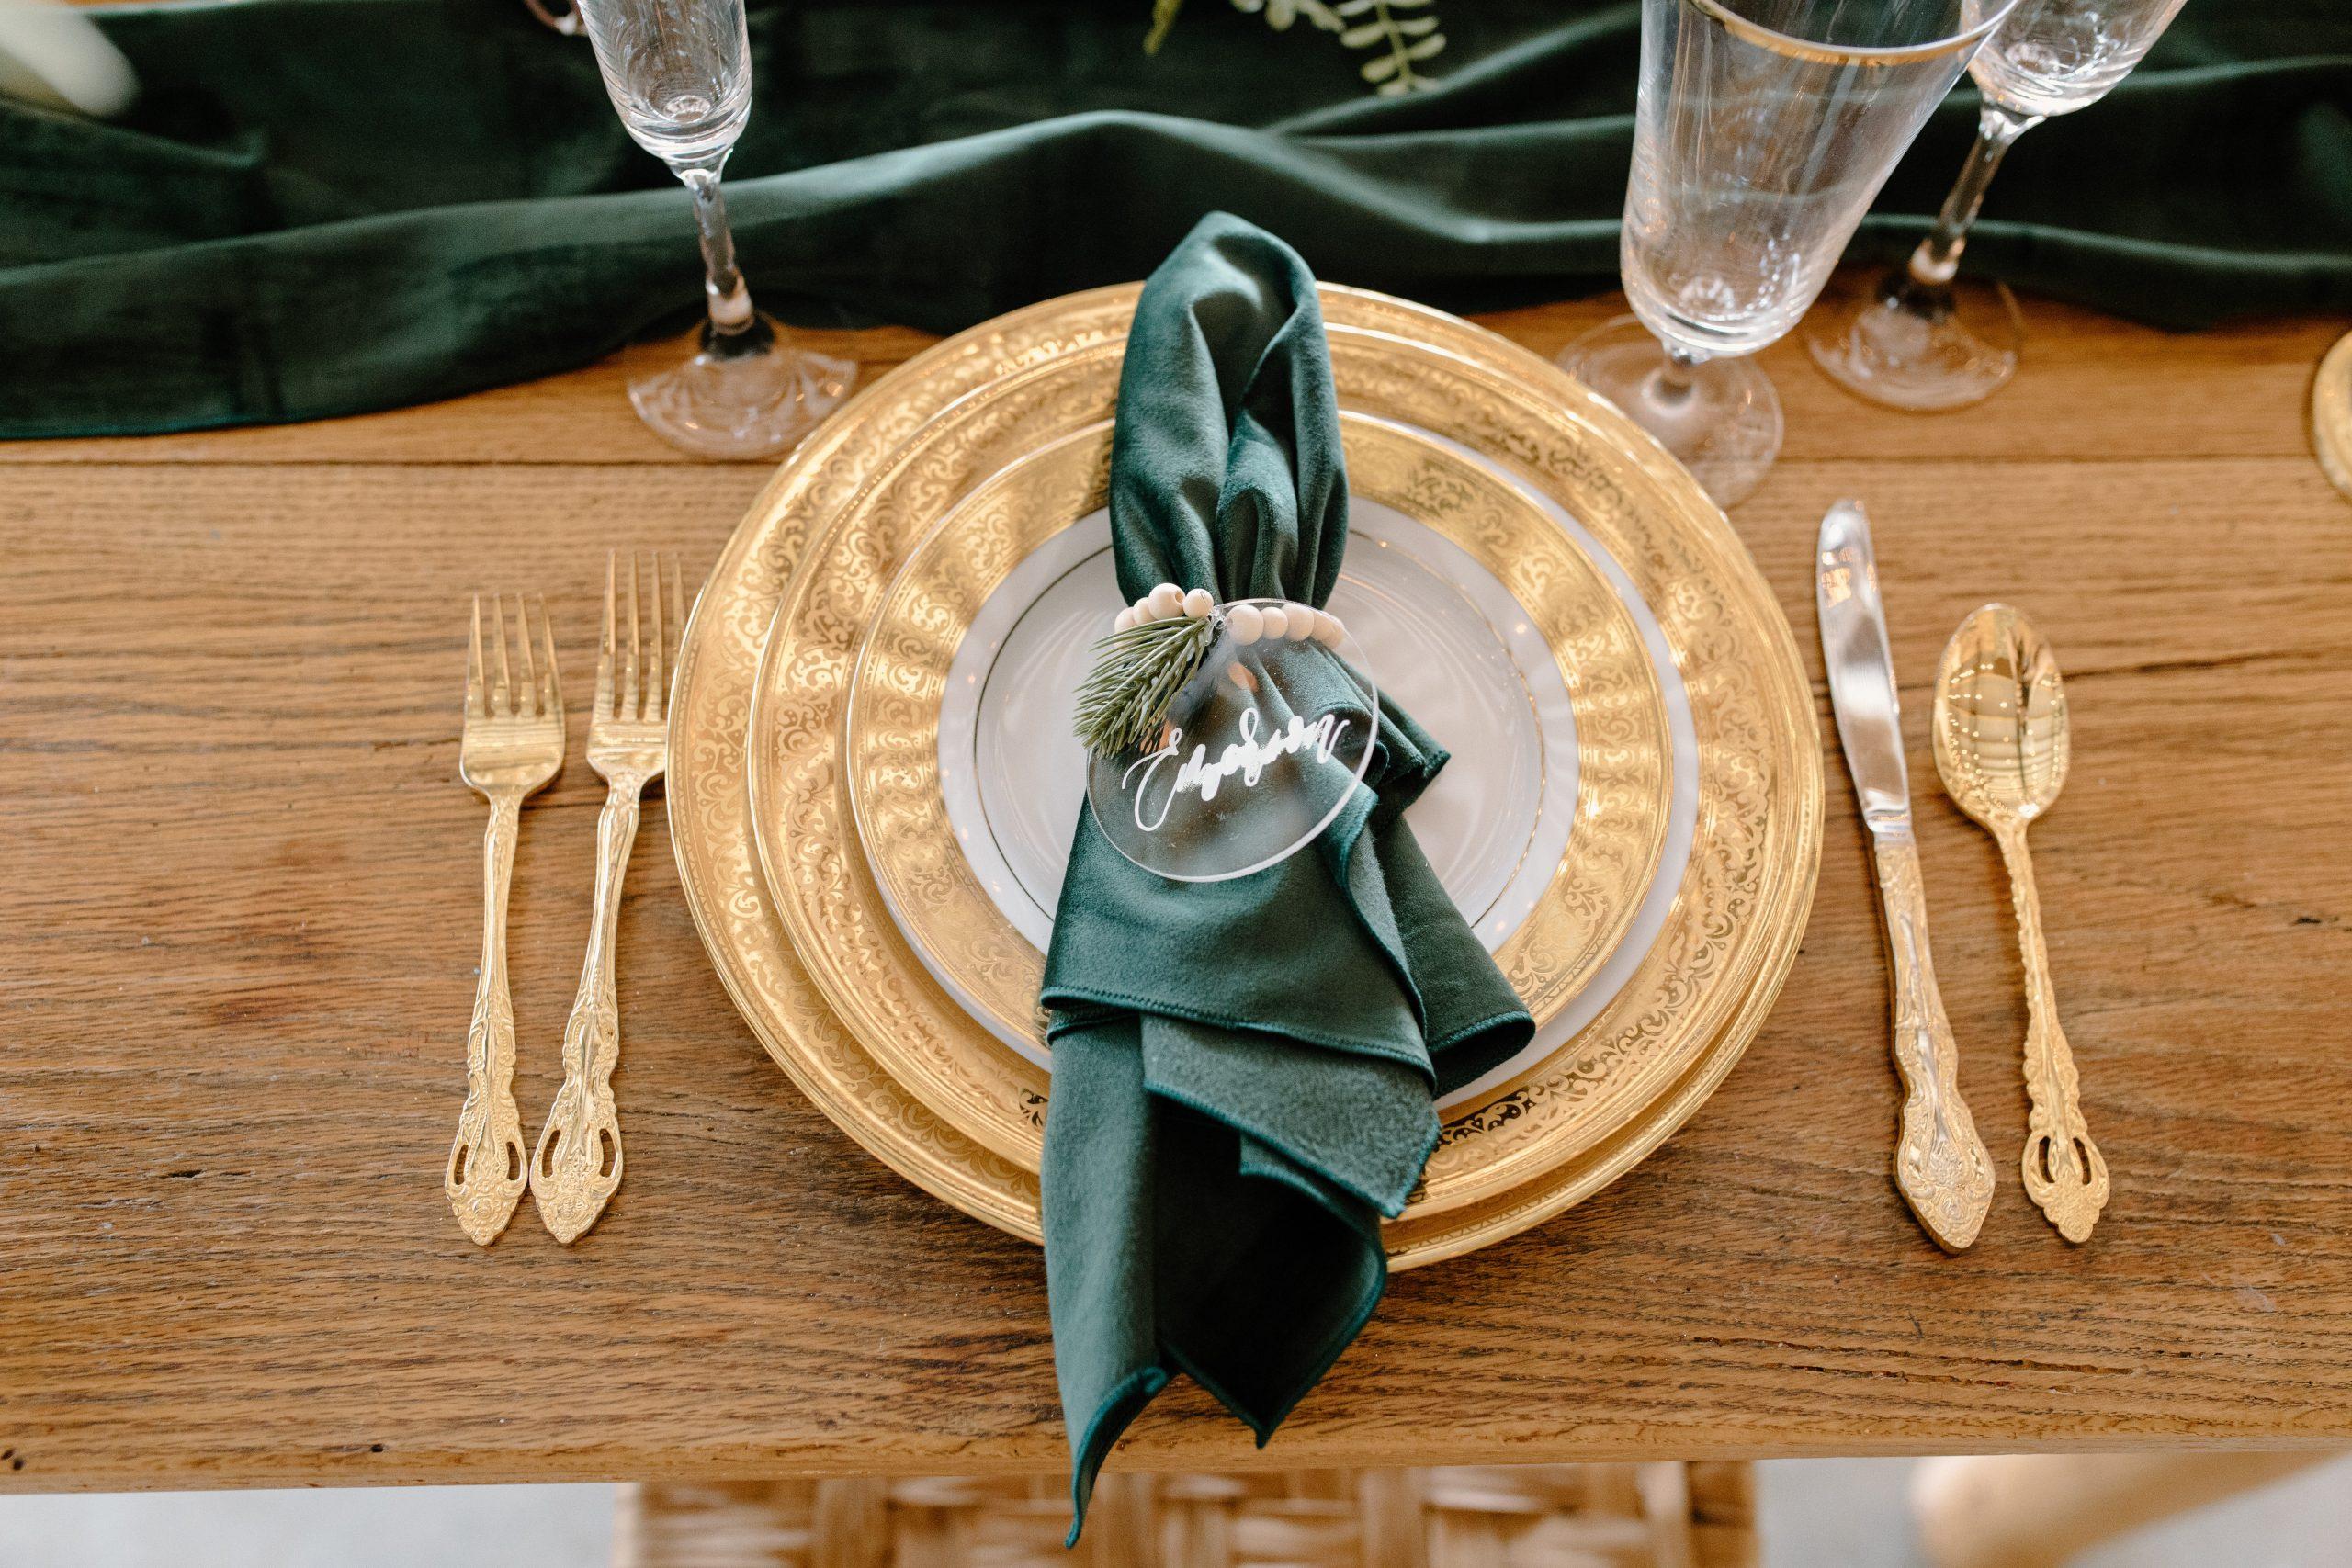 Festive dinner place setting